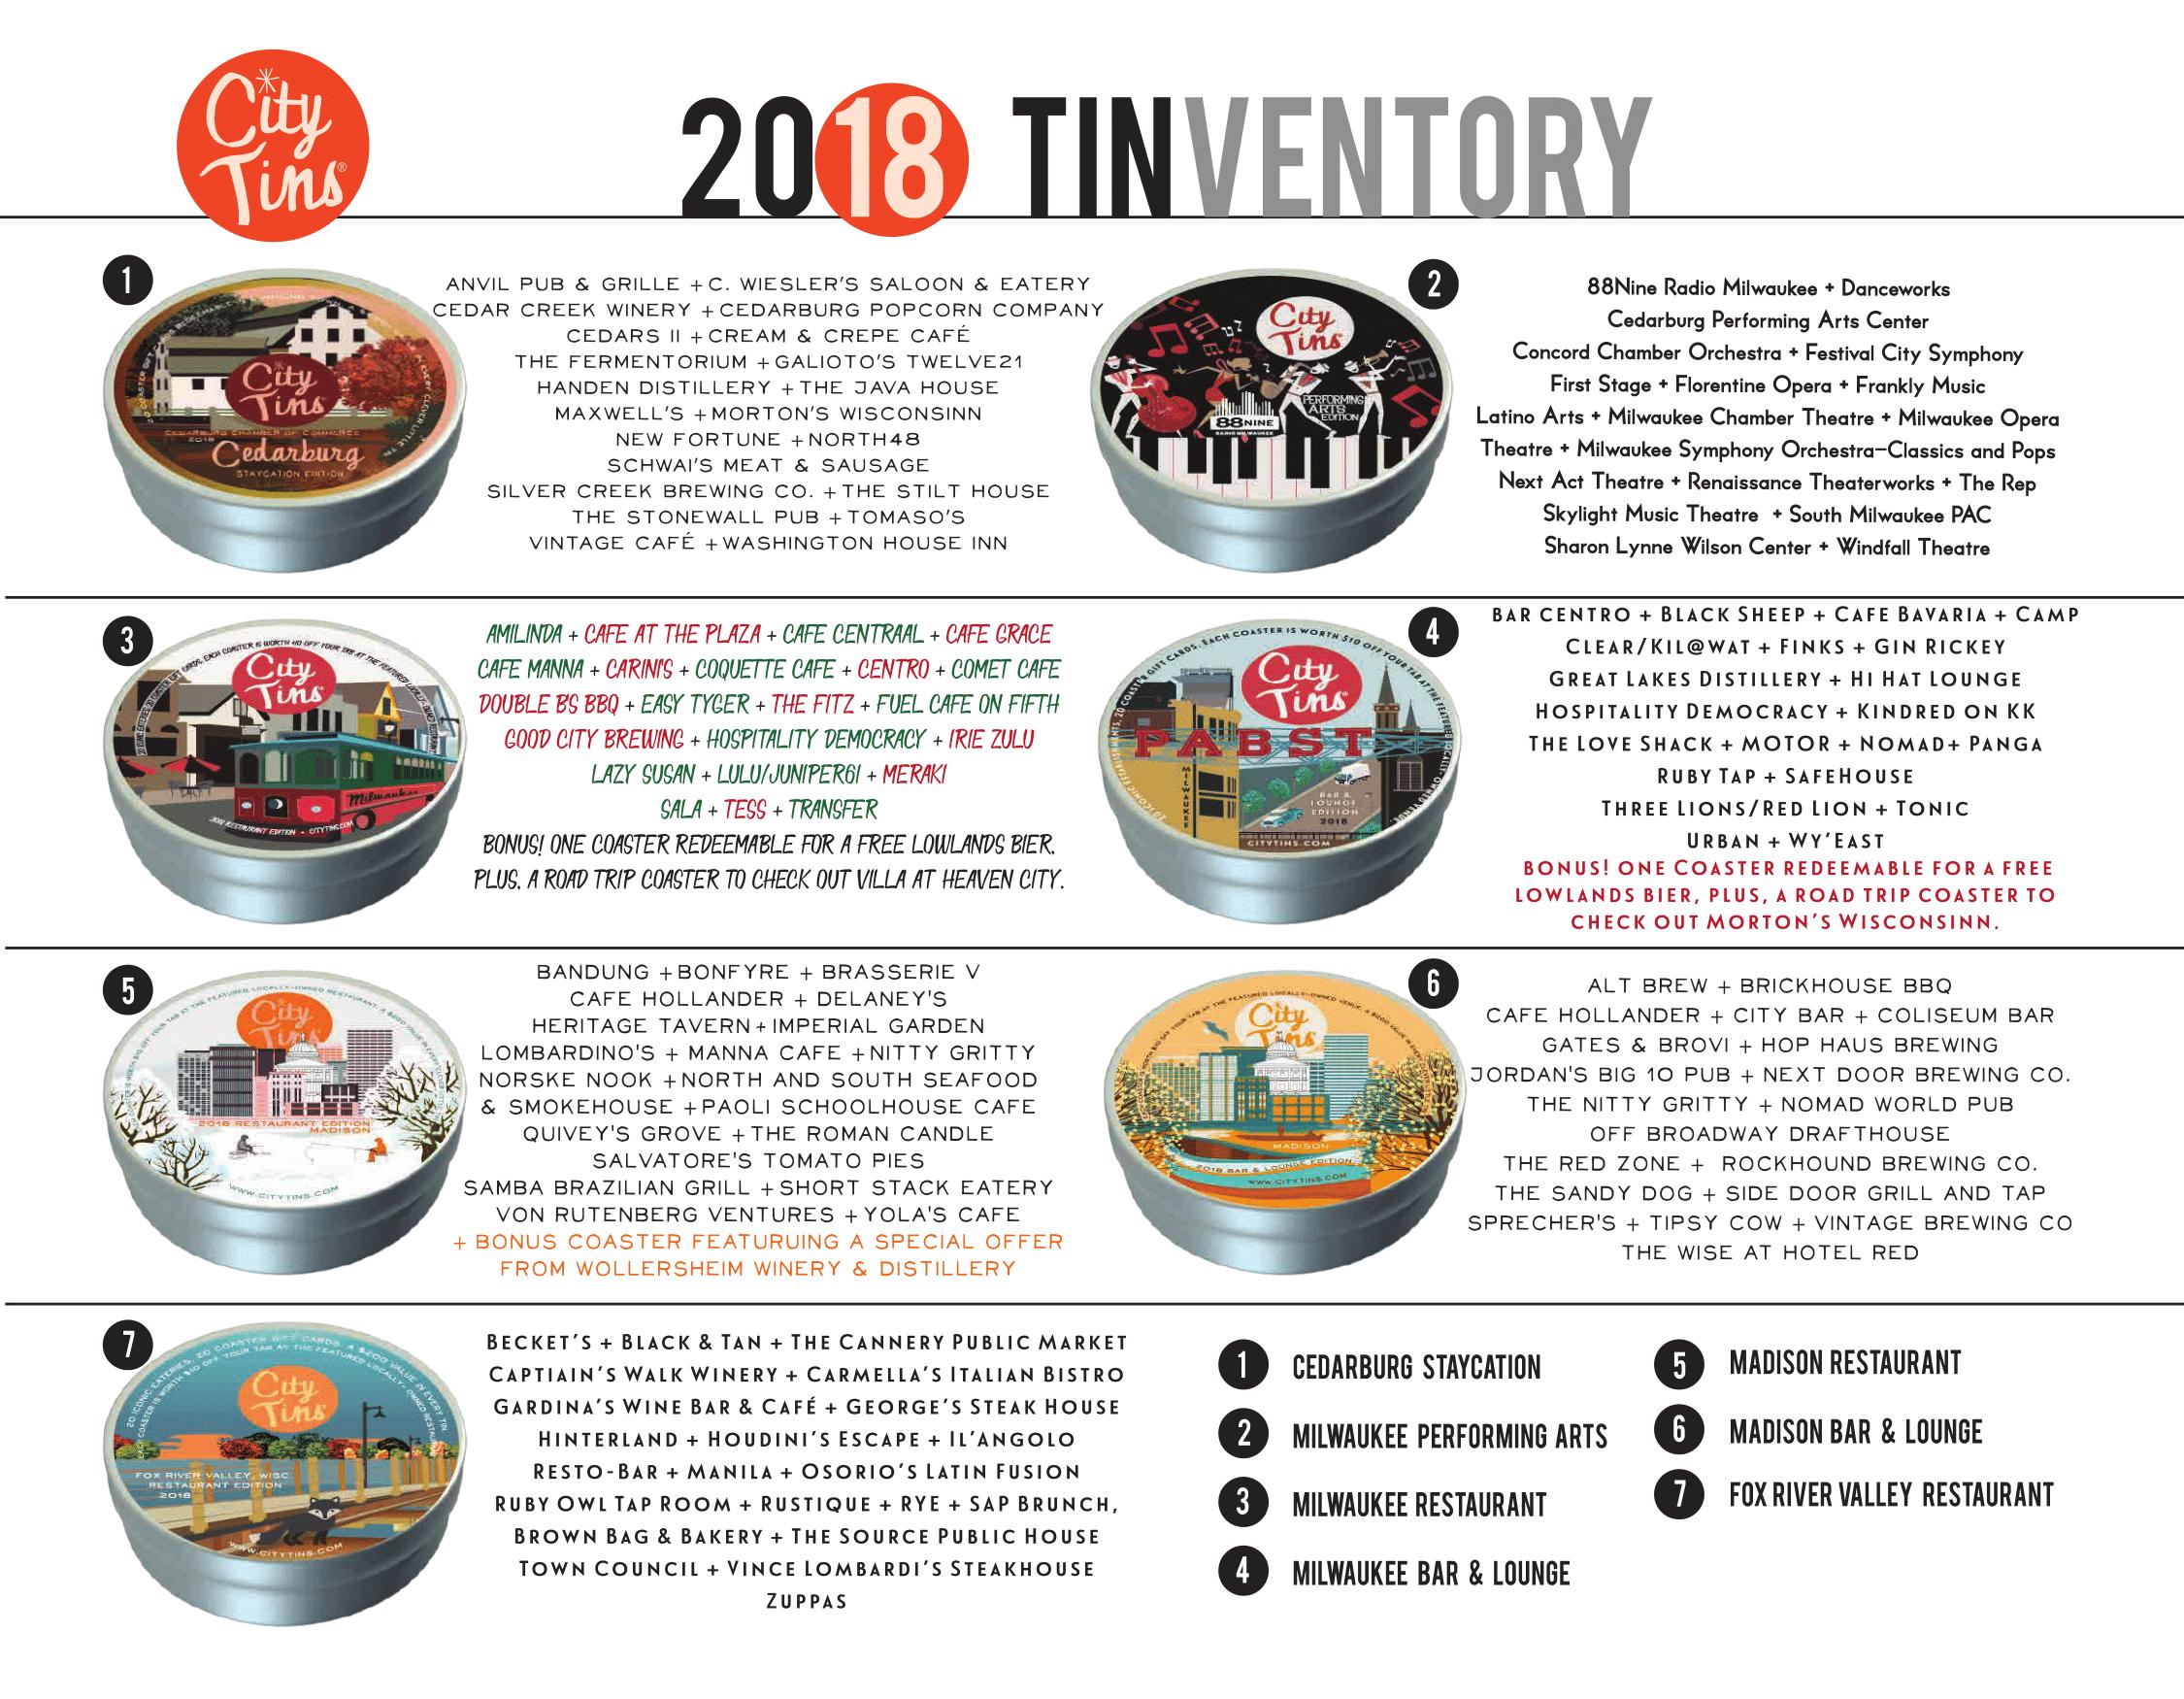 2018 Tinventory